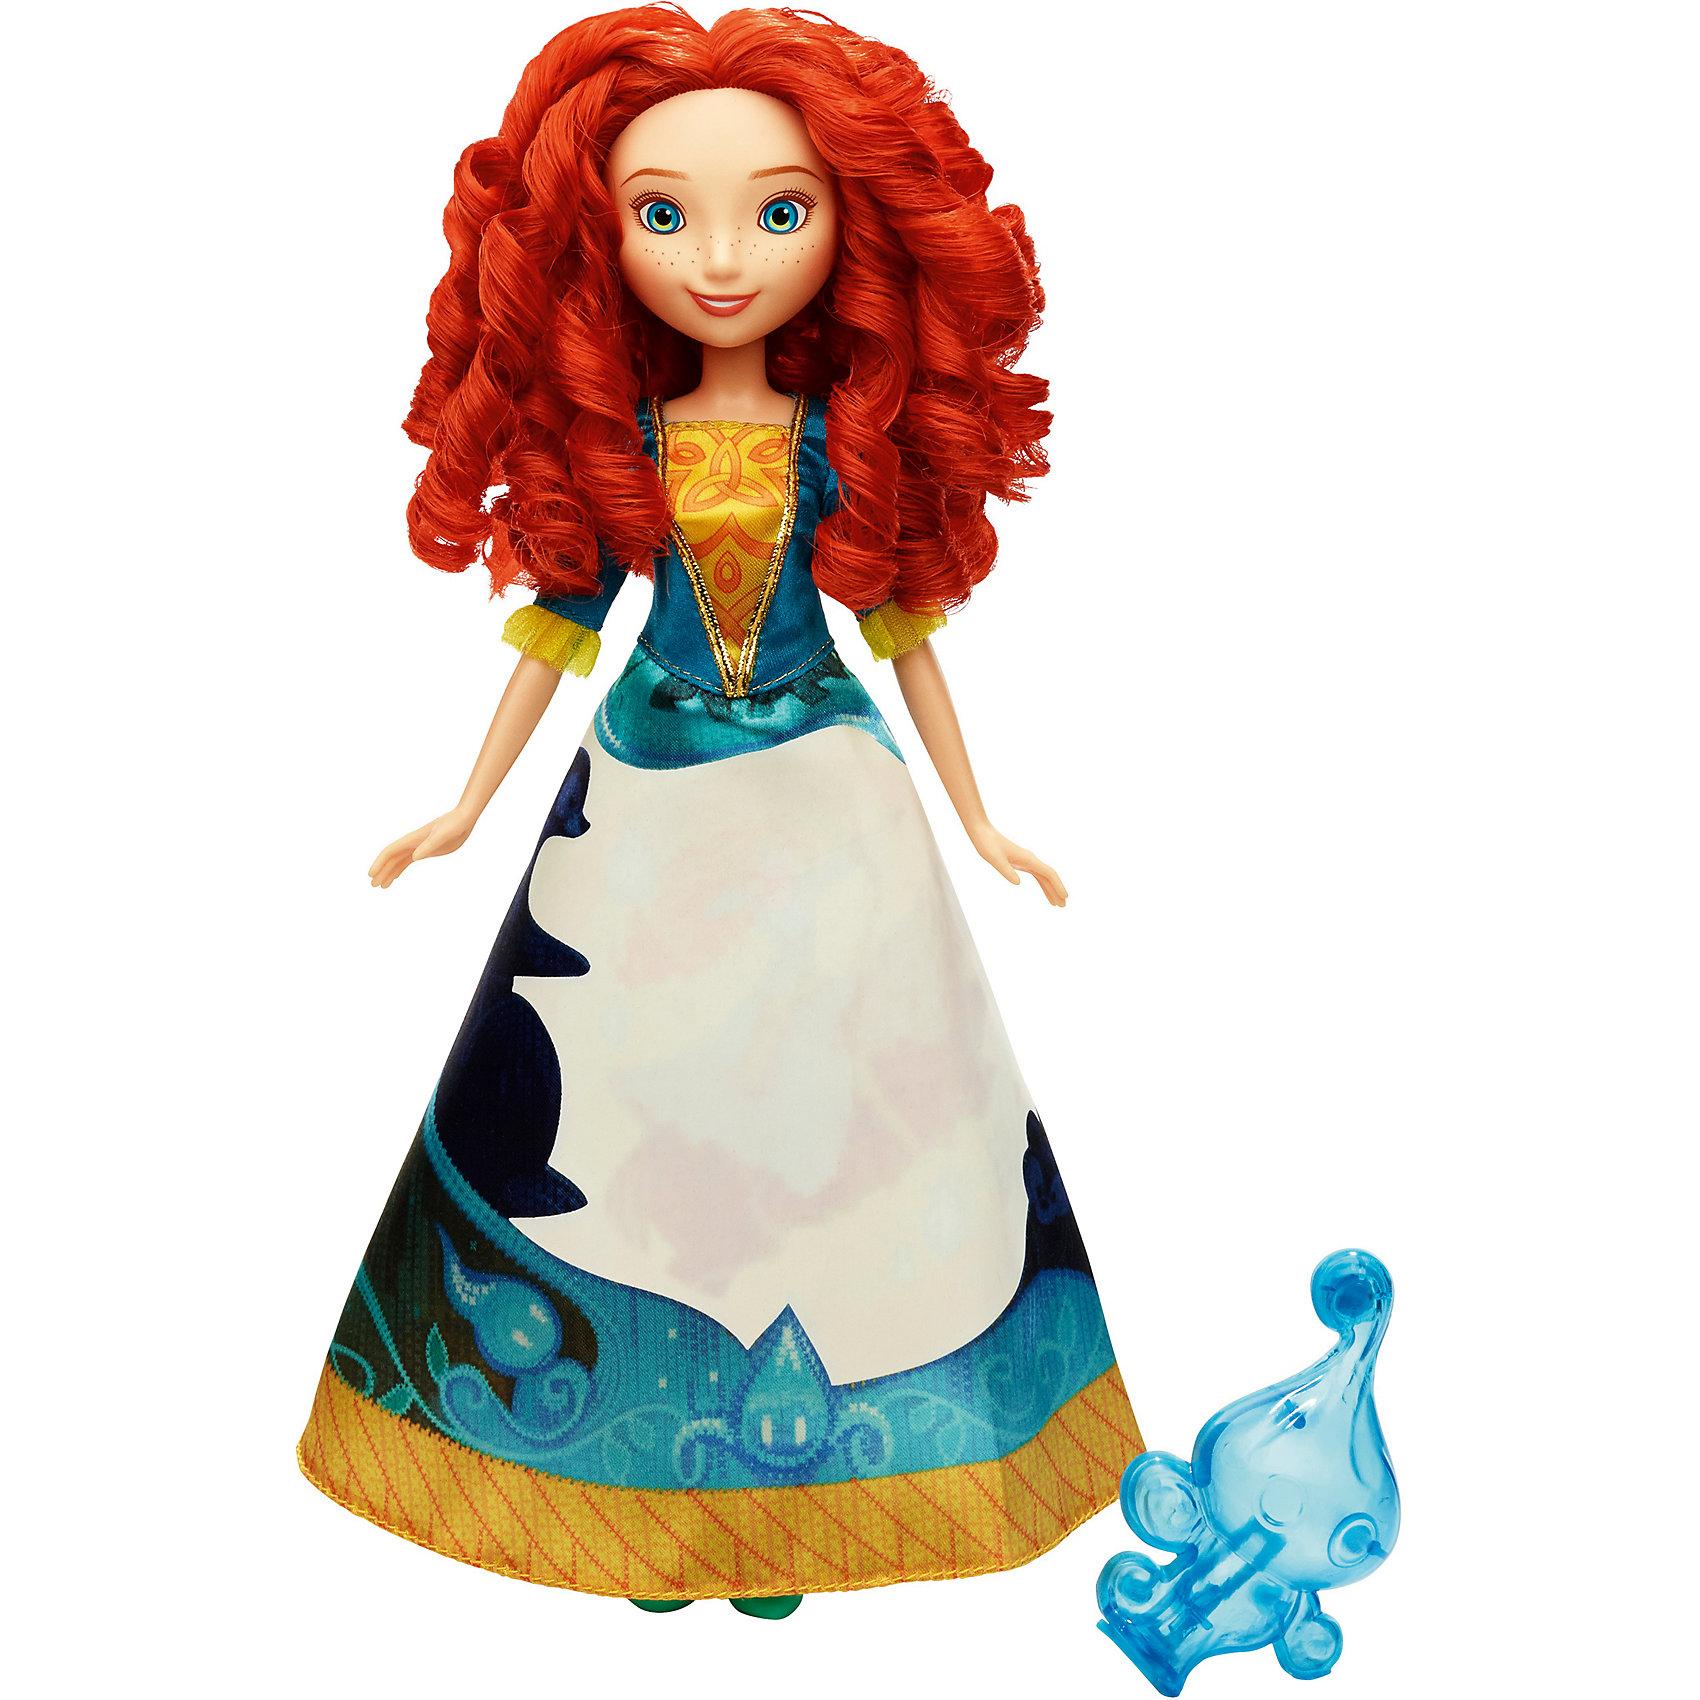 Модная кукла Анна в юбке с проявляющимся принтом, Принцессы ДиснейИгрушки<br>Модная кукла Принцесса в юбке с проявляющимся принтом, Принцессы Дисней (Disney Princess), станет прекрасным подарком для всех маленьких поклонниц диснеевских сказок. В комплект входит кукла в удивительной юбке с проявляющимися принтом и сосуд для воды. В ассортименте представлены 3 куклы: Рапунцель, Золушка и Мерида. Каждая принцесса одета в роскошное бальное платье, большую часть которого занимает белая область. Намочив юбку с помощью специальной емкости для воды, Вы увидите, как на ней проявляется красивый рисунок с эпизодом из сказочной истории героини. Когда юбка высохнет, узор вновь пропадет. Емкость для воды выполнена в форме характерных аксессуаров героинь - волшебная палочка у Золушки, у Рапунцель - волшебная кисть, а у Мериды - волшебный флакон.  <br><br>Дополнительная информация:  <br><br>- В комплекте: кукла, емкость для воды. <br>- Материал: пластик, текстиль. <br>- Высота куклы: 28 см. <br>- Размер упаковки: 20,3 x 6,4 x 32,4 см. <br>- Вес: 0,301 кг.  <br><br>Модную куклу Принцесса в юбке с проявляющимся принтом, Принцессы Дисней (Disney Princess), можно купить в нашем интернет-магазине.<br><br>Ширина мм: 64<br>Глубина мм: 203<br>Высота мм: 324<br>Вес г: 301<br>Возраст от месяцев: 36<br>Возраст до месяцев: 144<br>Пол: Женский<br>Возраст: Детский<br>SKU: 4803326